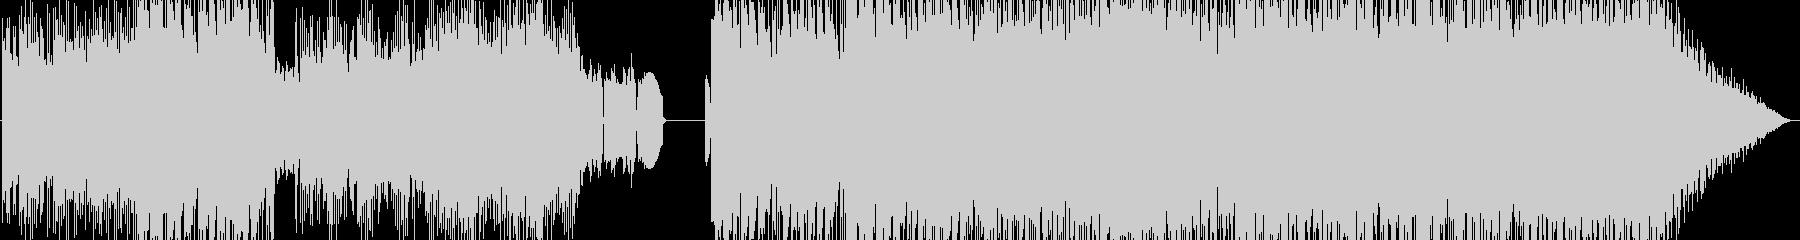 「ハード/ヘヴィ/ダーク」BGM65の未再生の波形